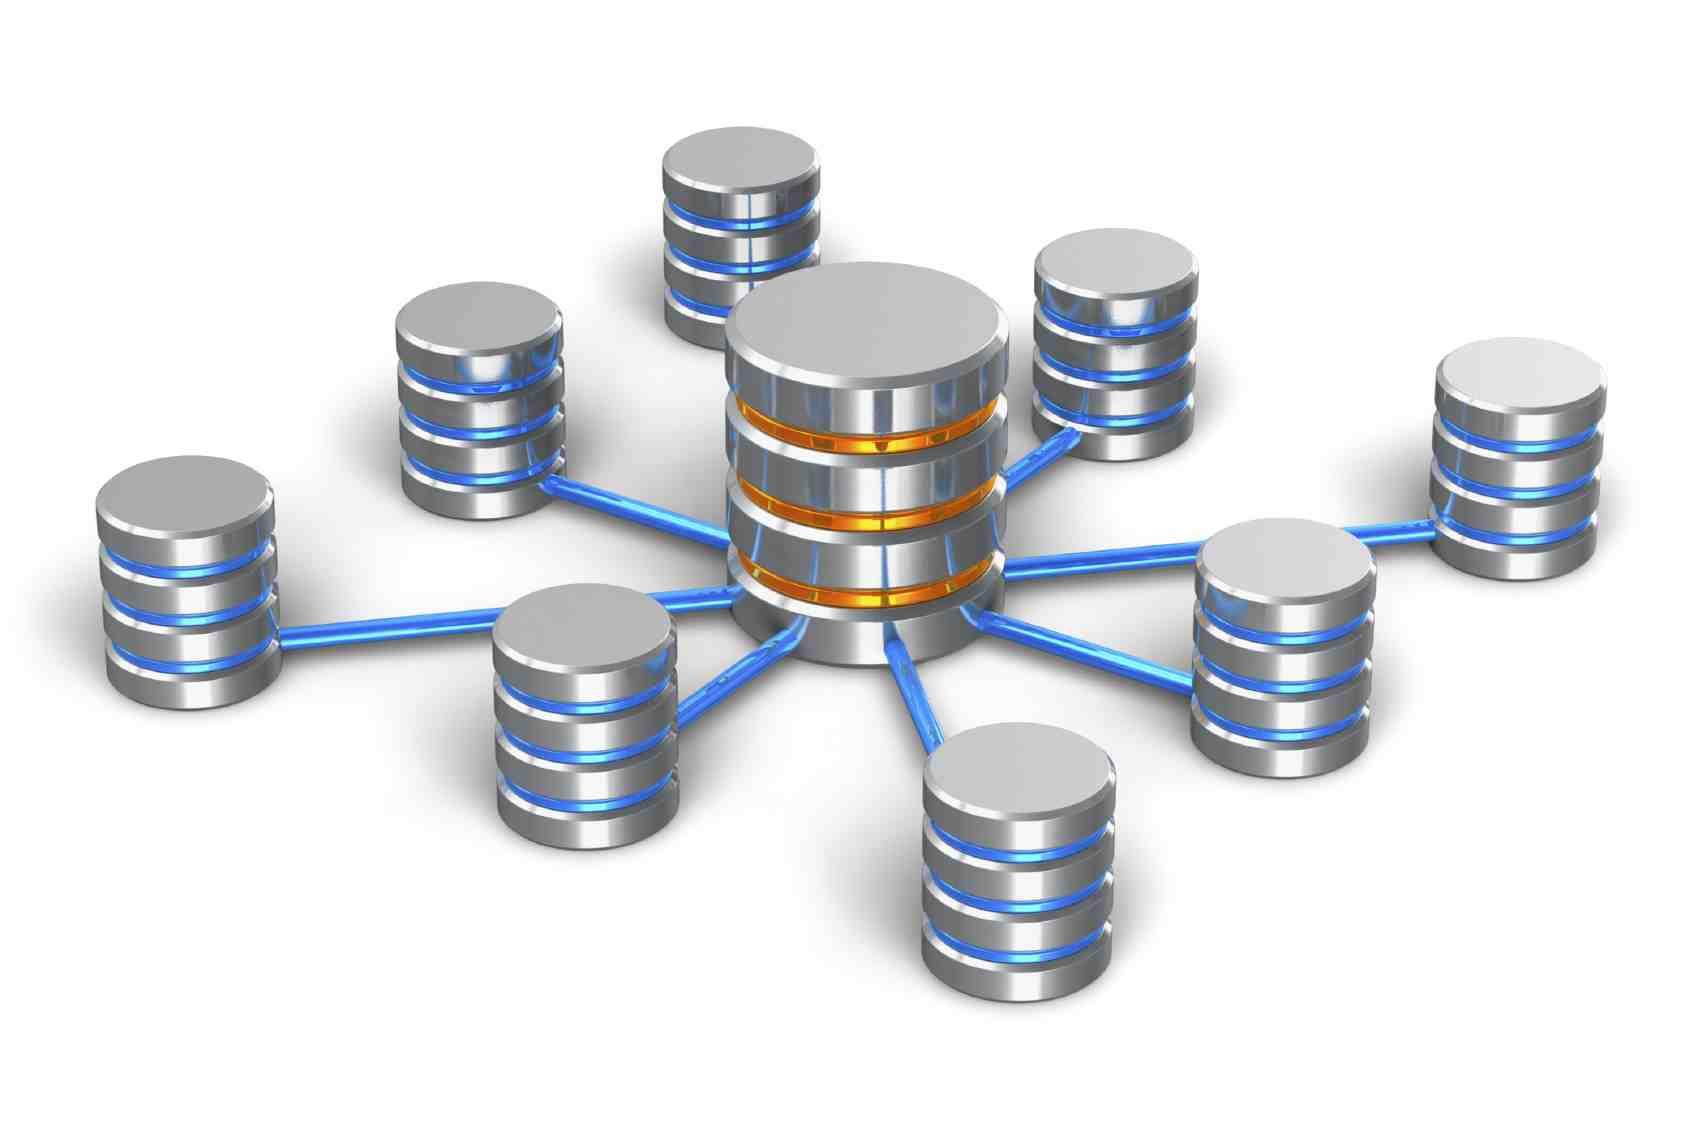 پایگاه داده پیشرفته ابری و شی گرا